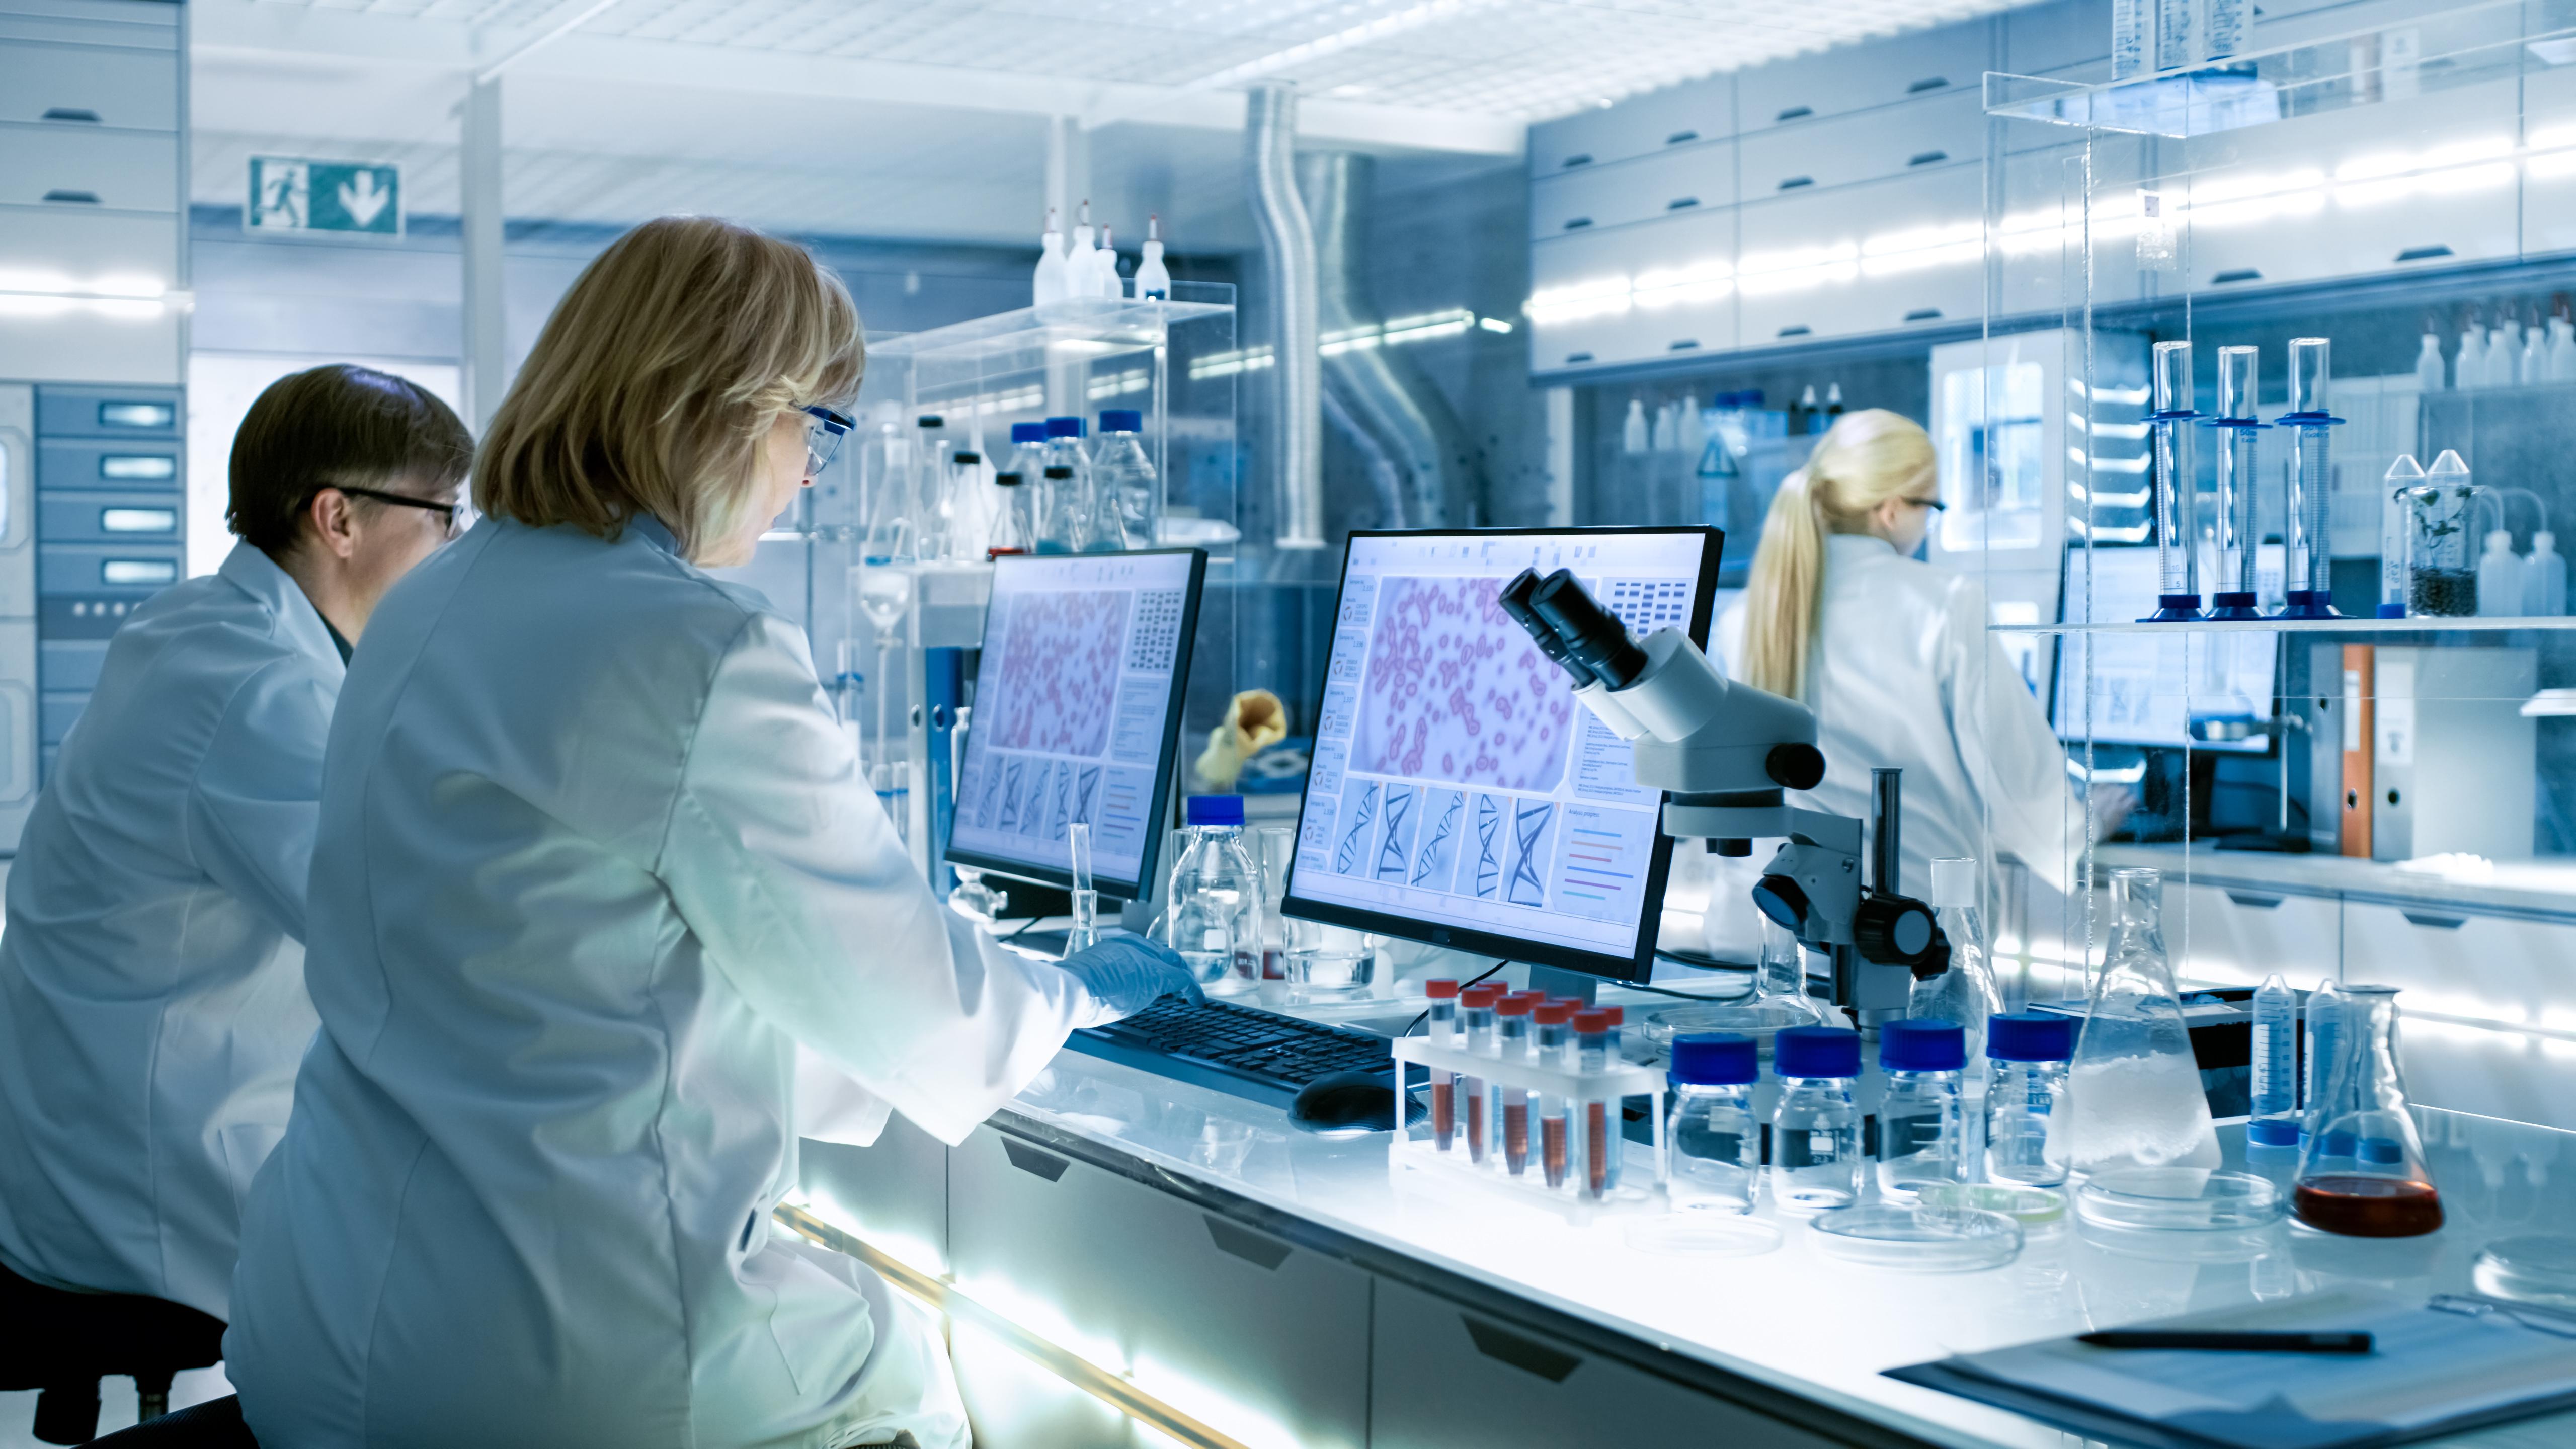 Nasul artificial care poate detecta bacteriile, inventat de cercetătorii israelieni. Poate să salveze vieți